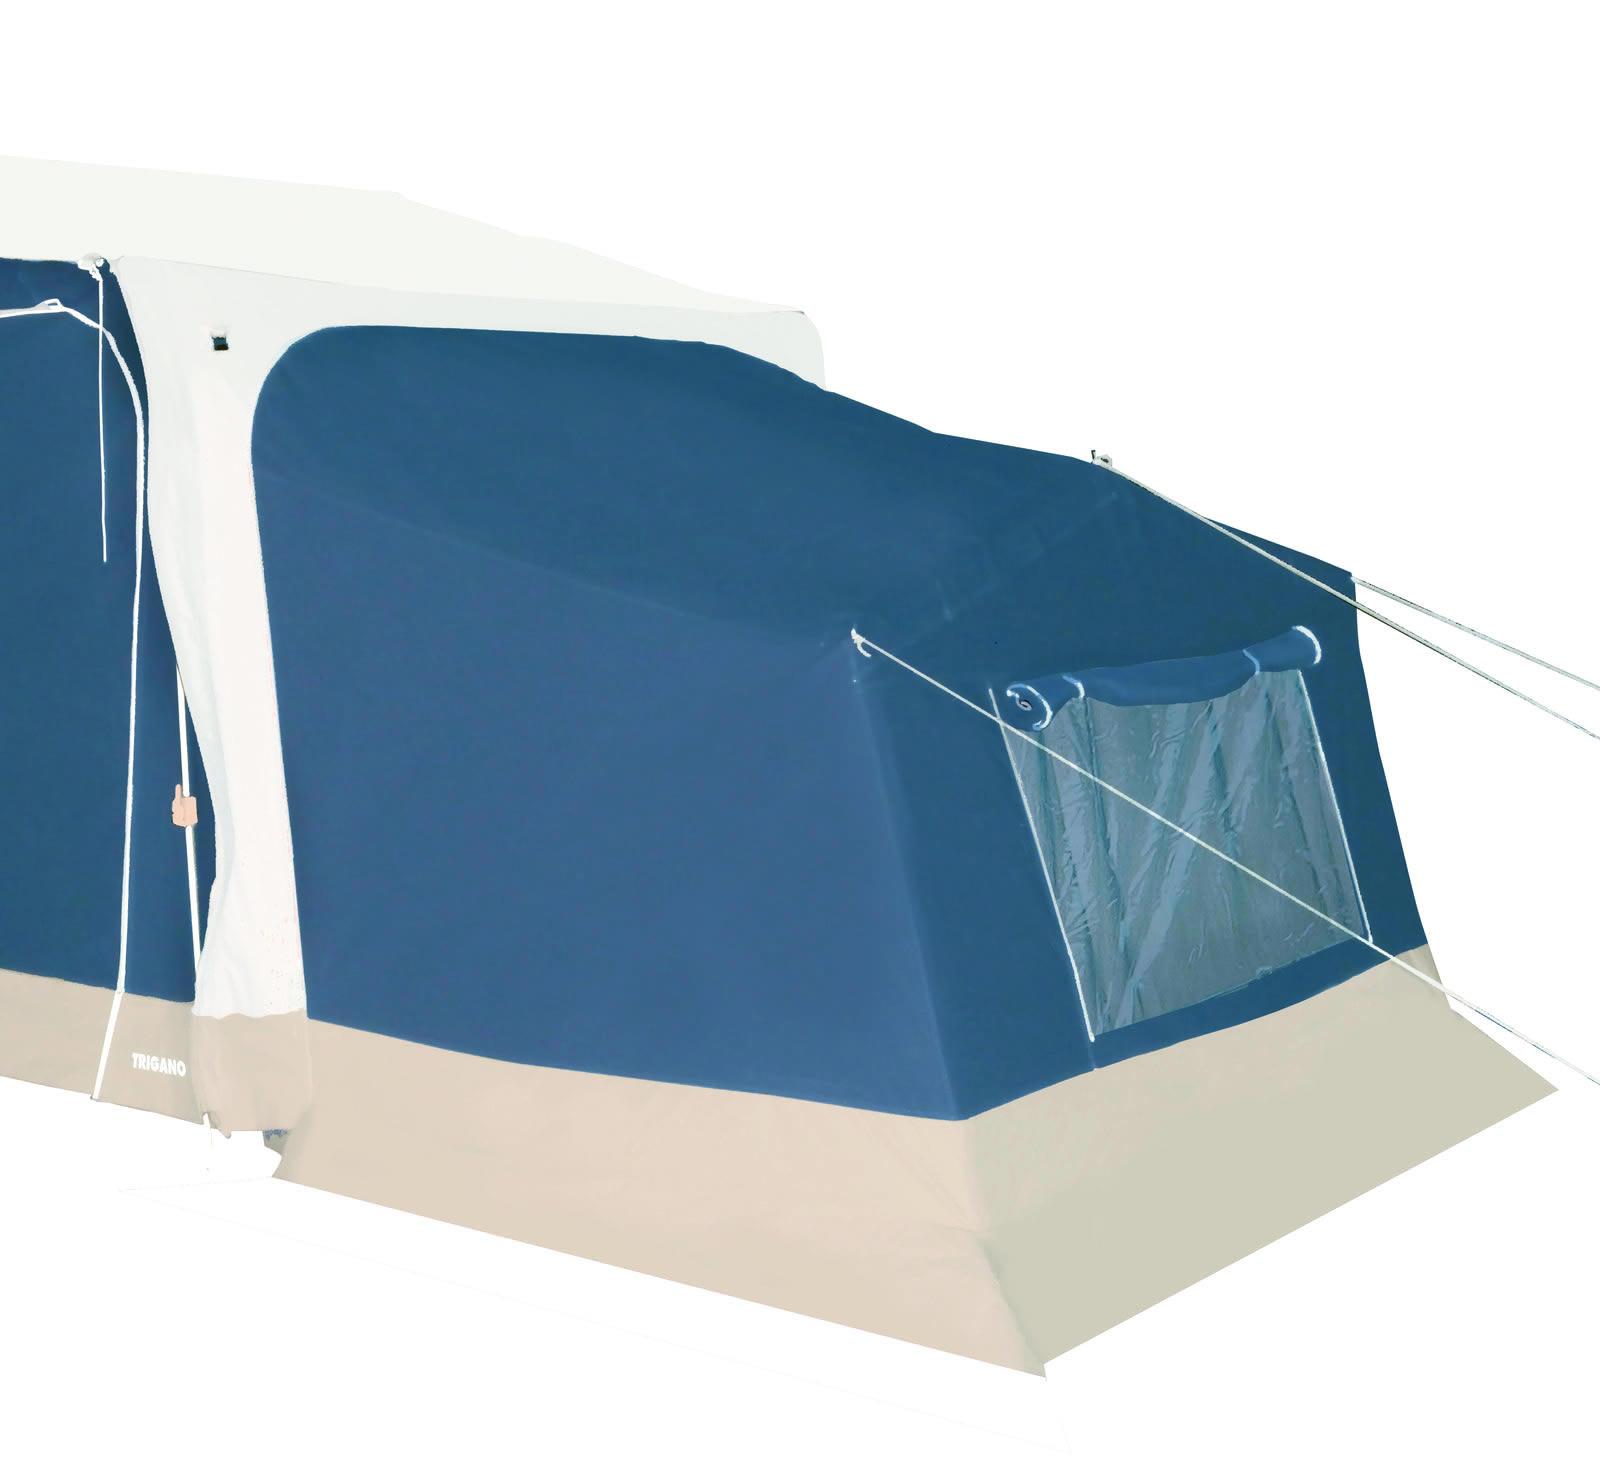 sotorske-kamp-prikolice-trigano-alfa-dodatna-soba-002